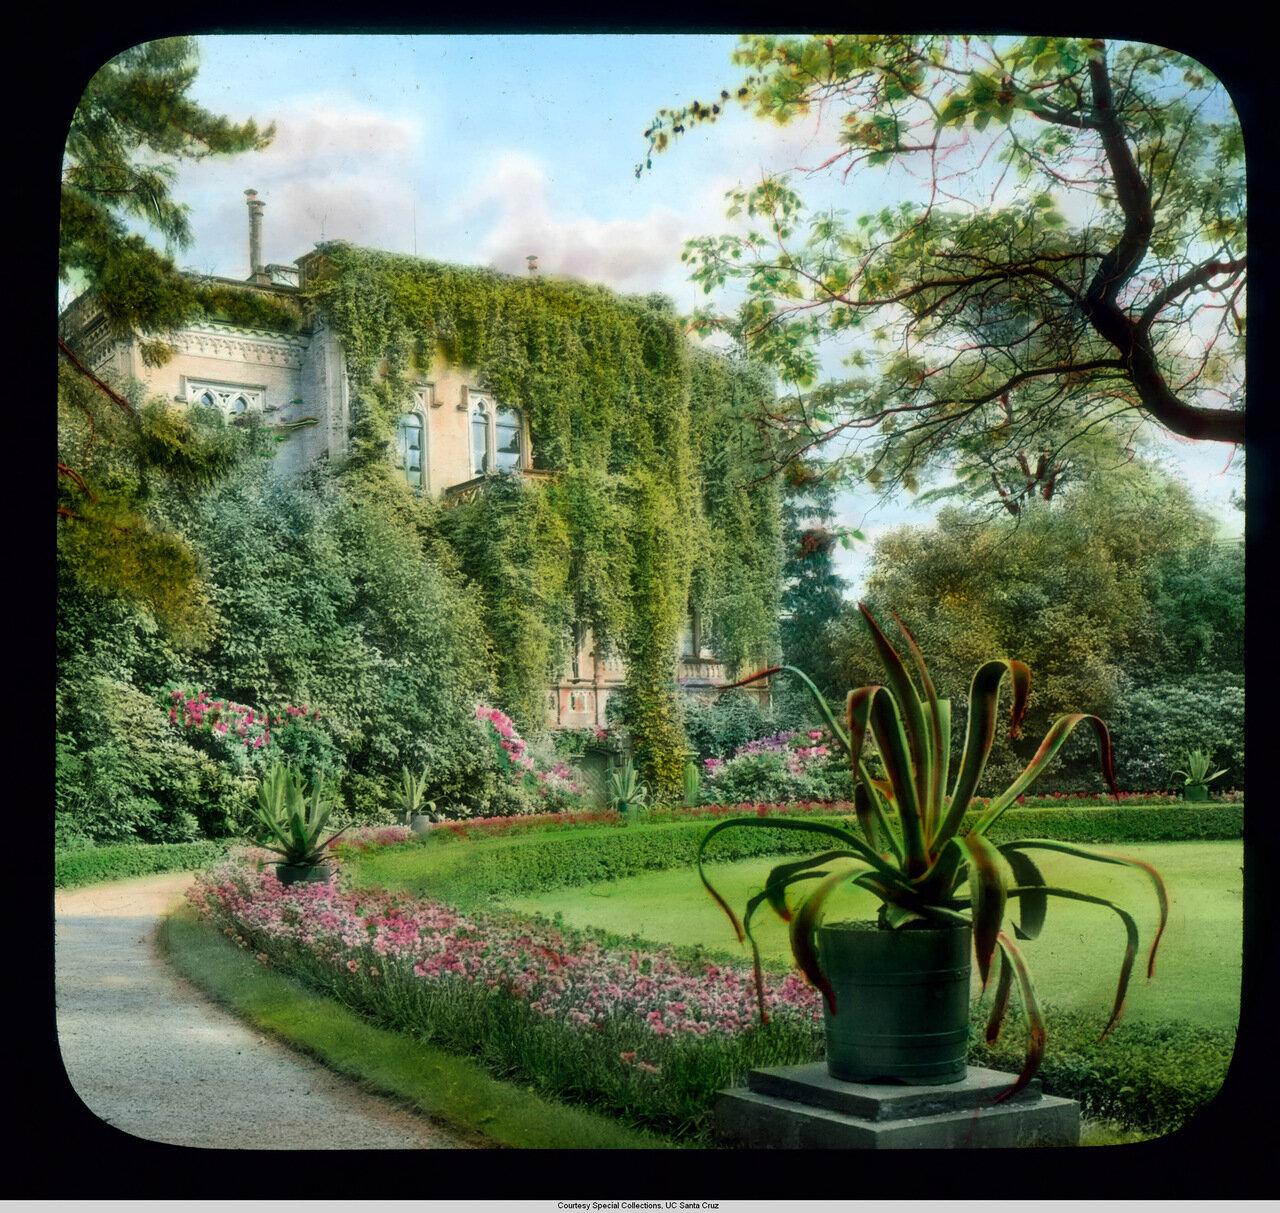 Фрайбург-в-Брайсгау. Городской парк с Колумбишлоссле (вилла 19 века)